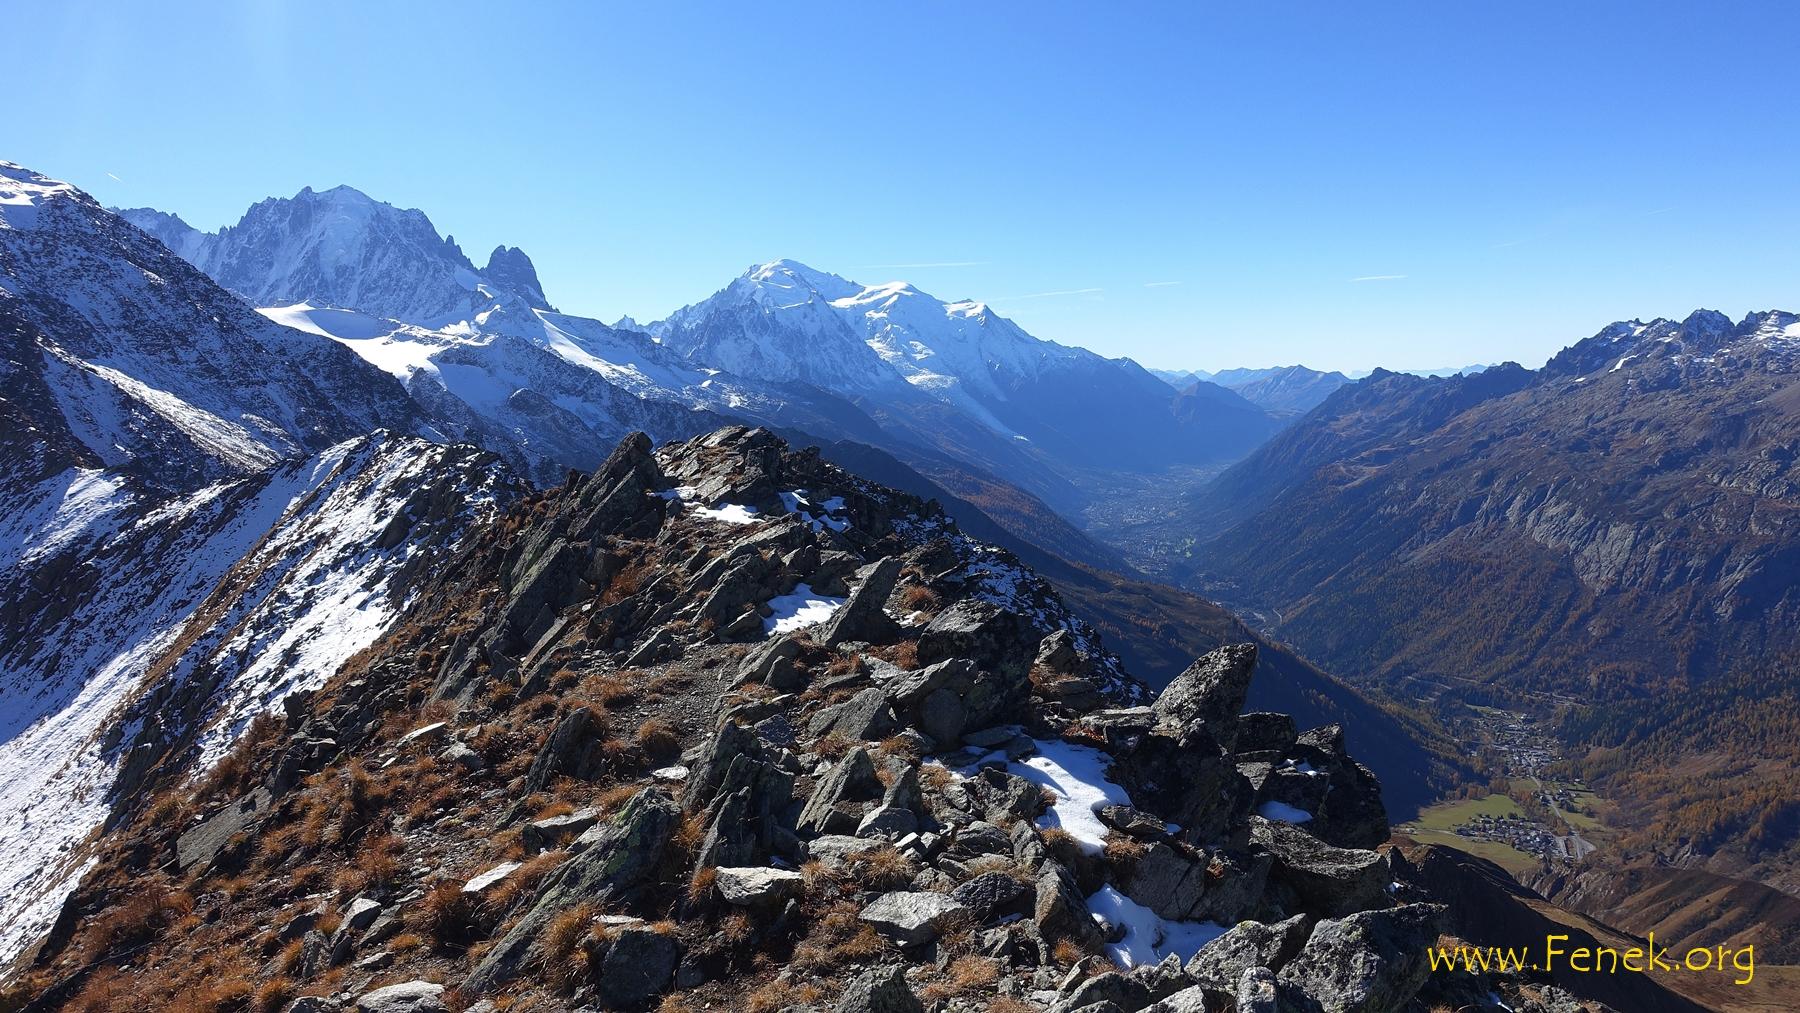 Gipfelaussicht zum Mont Blanc